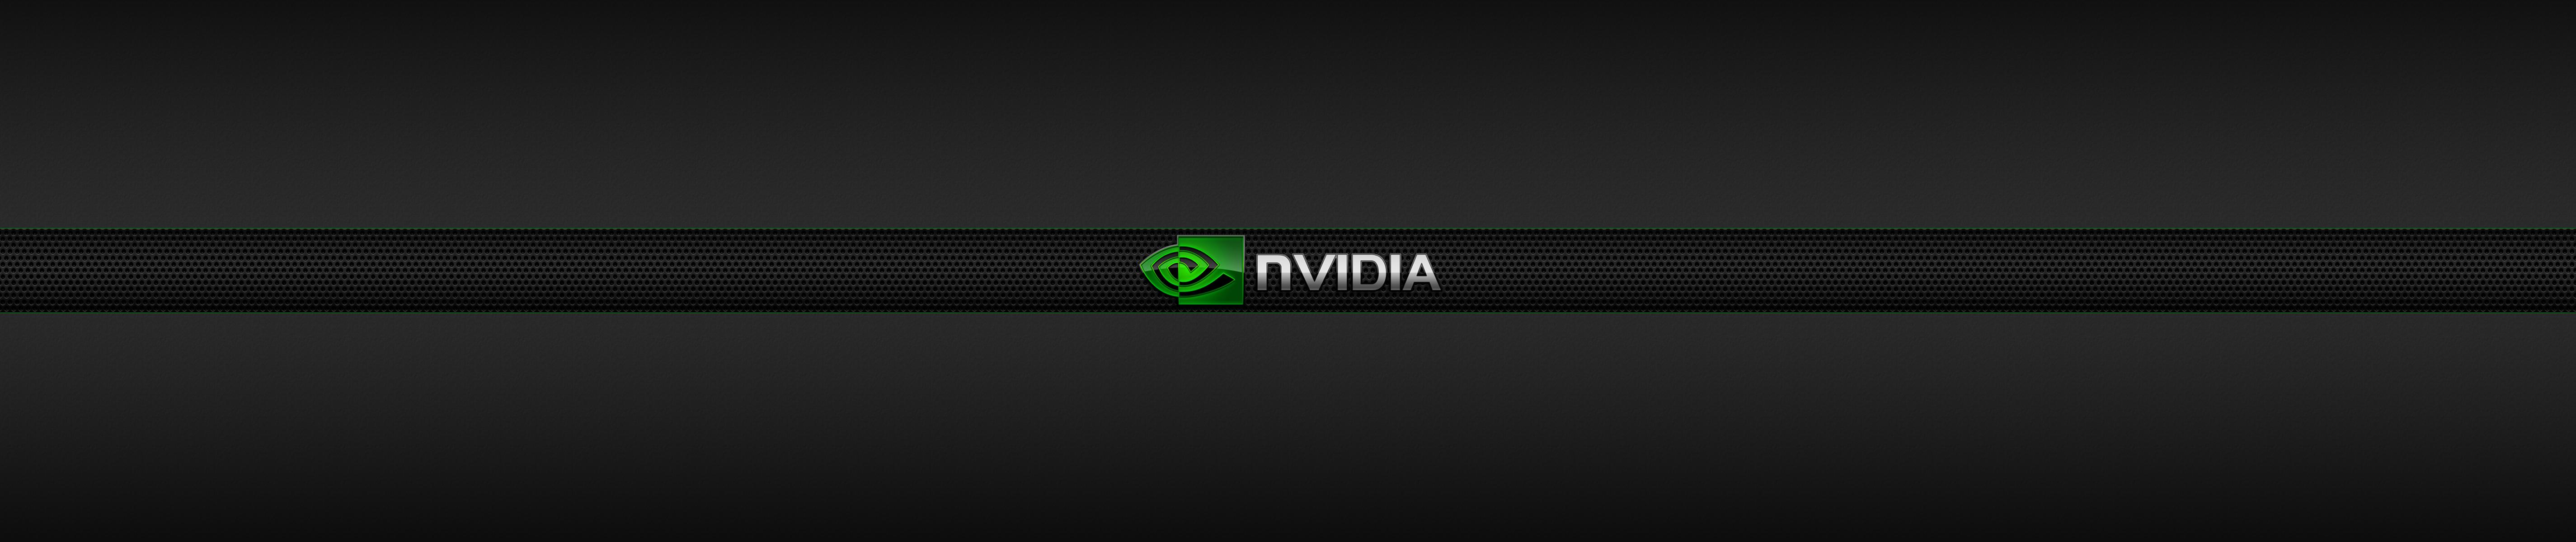 nvidia_6_by_mullet-d66jnd2.jpg